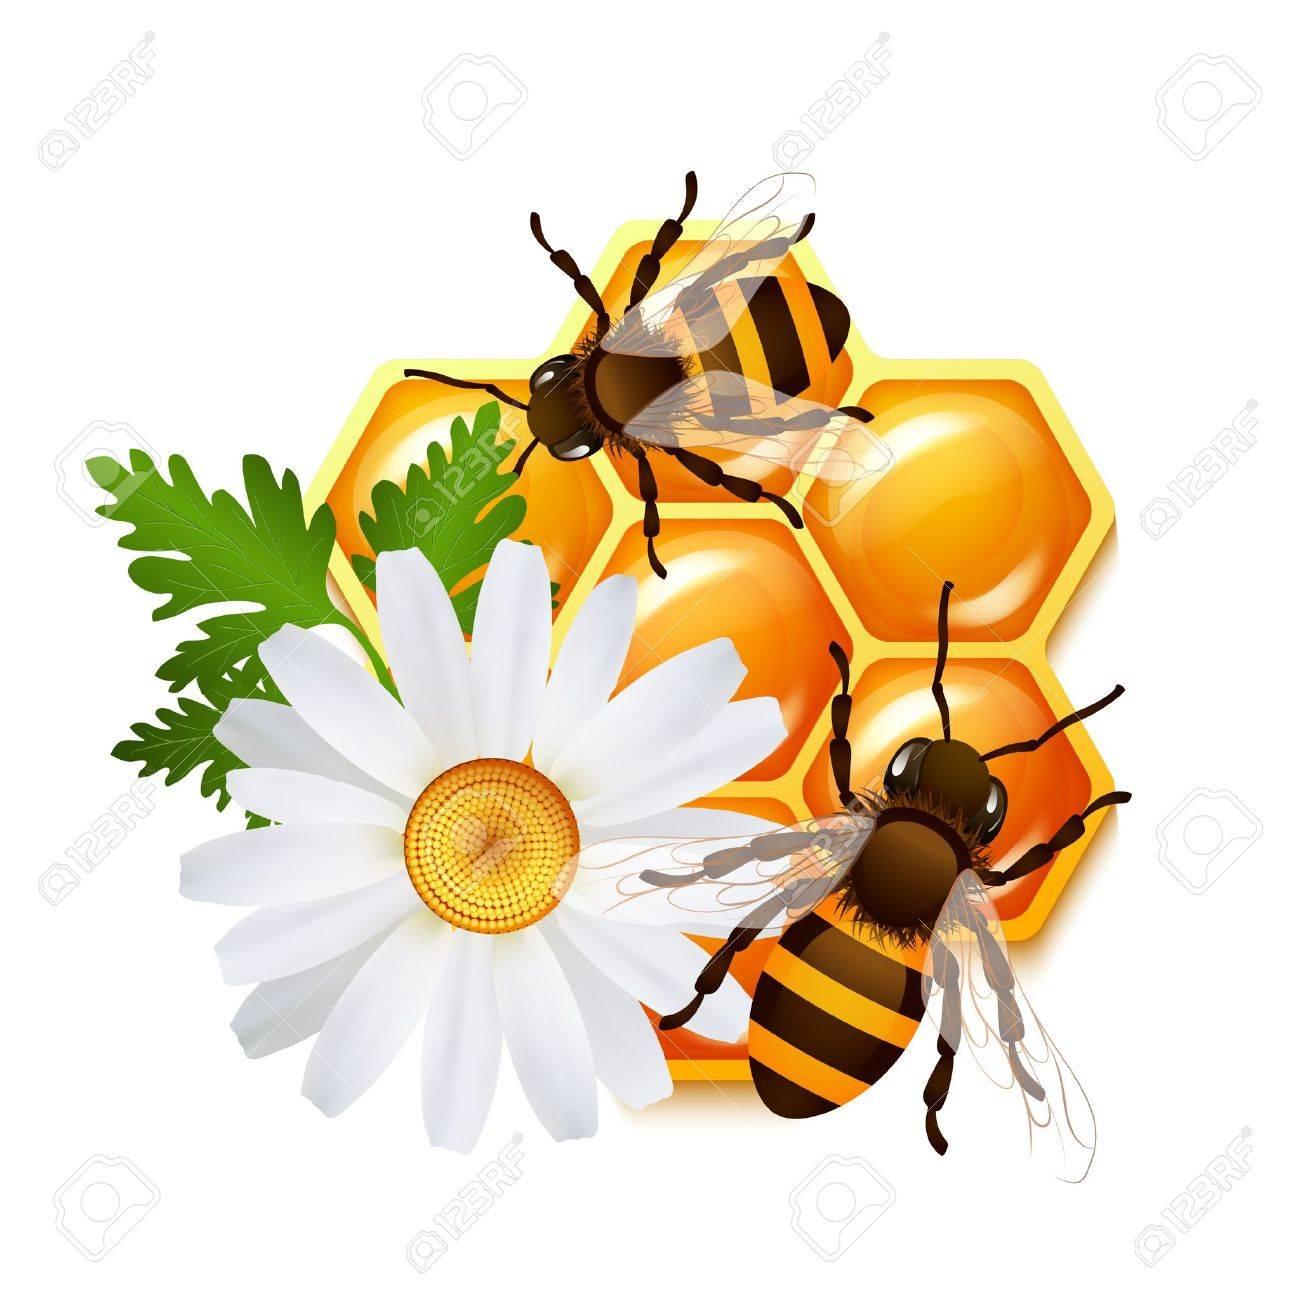 [Jeu] Association d'images - Page 20 27595377-D-coratifs-abeilles-en-nid-d-abeille-et-la-fleur-de-camomille-doux-vecteur-d-embl-me-illustration-Banque-d'images